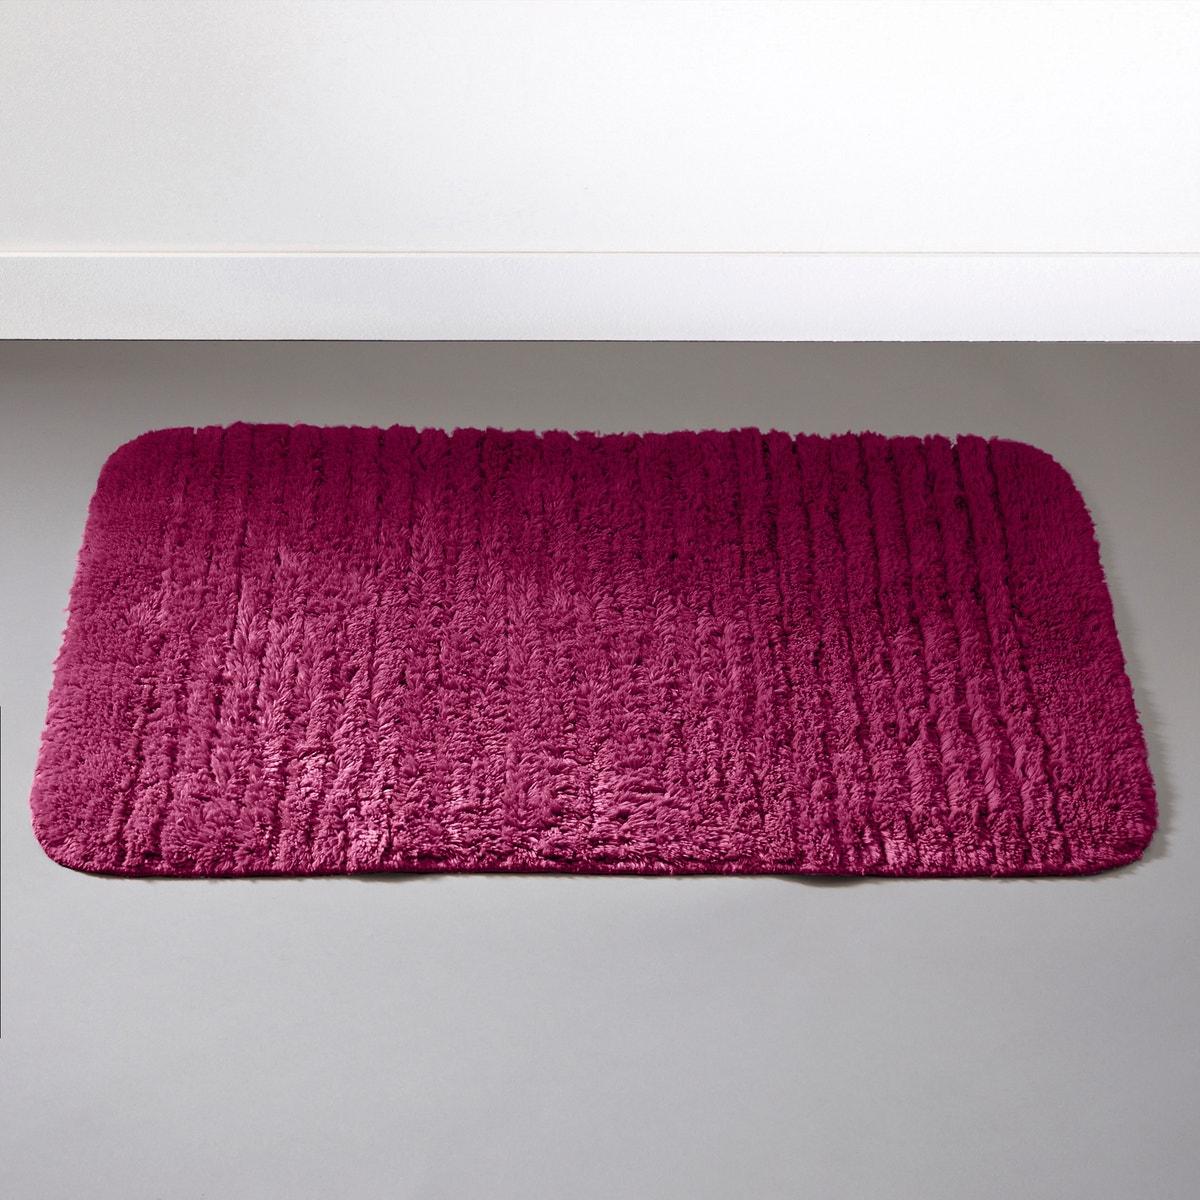 Μαλακό χαλάκι μπάνιου, 110 γρ. τ.μ. ΚΟΚΚΙΝΟ